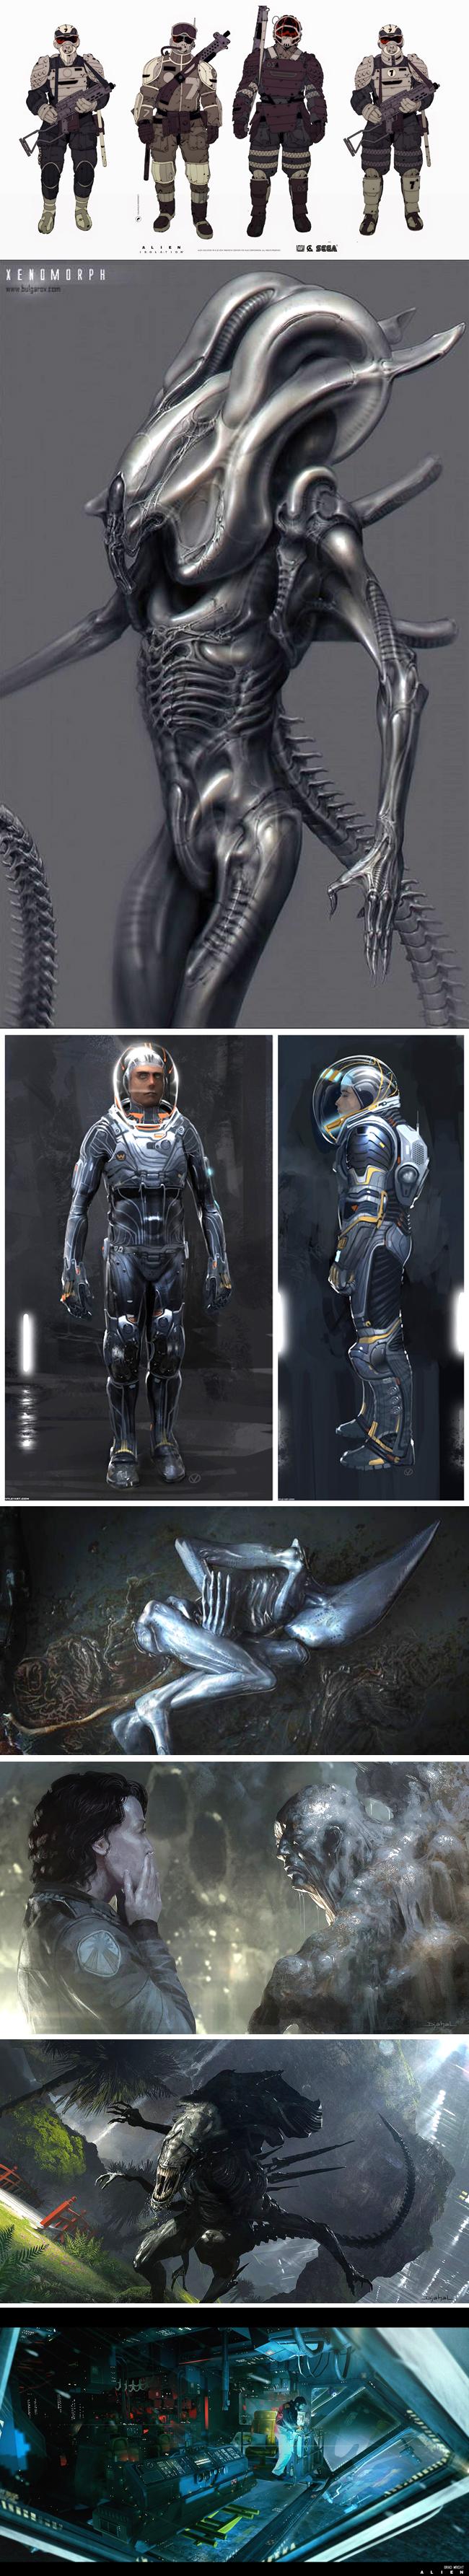 curso-arte-digital-concepts-arts-alien-cine-ciencia-ficcion